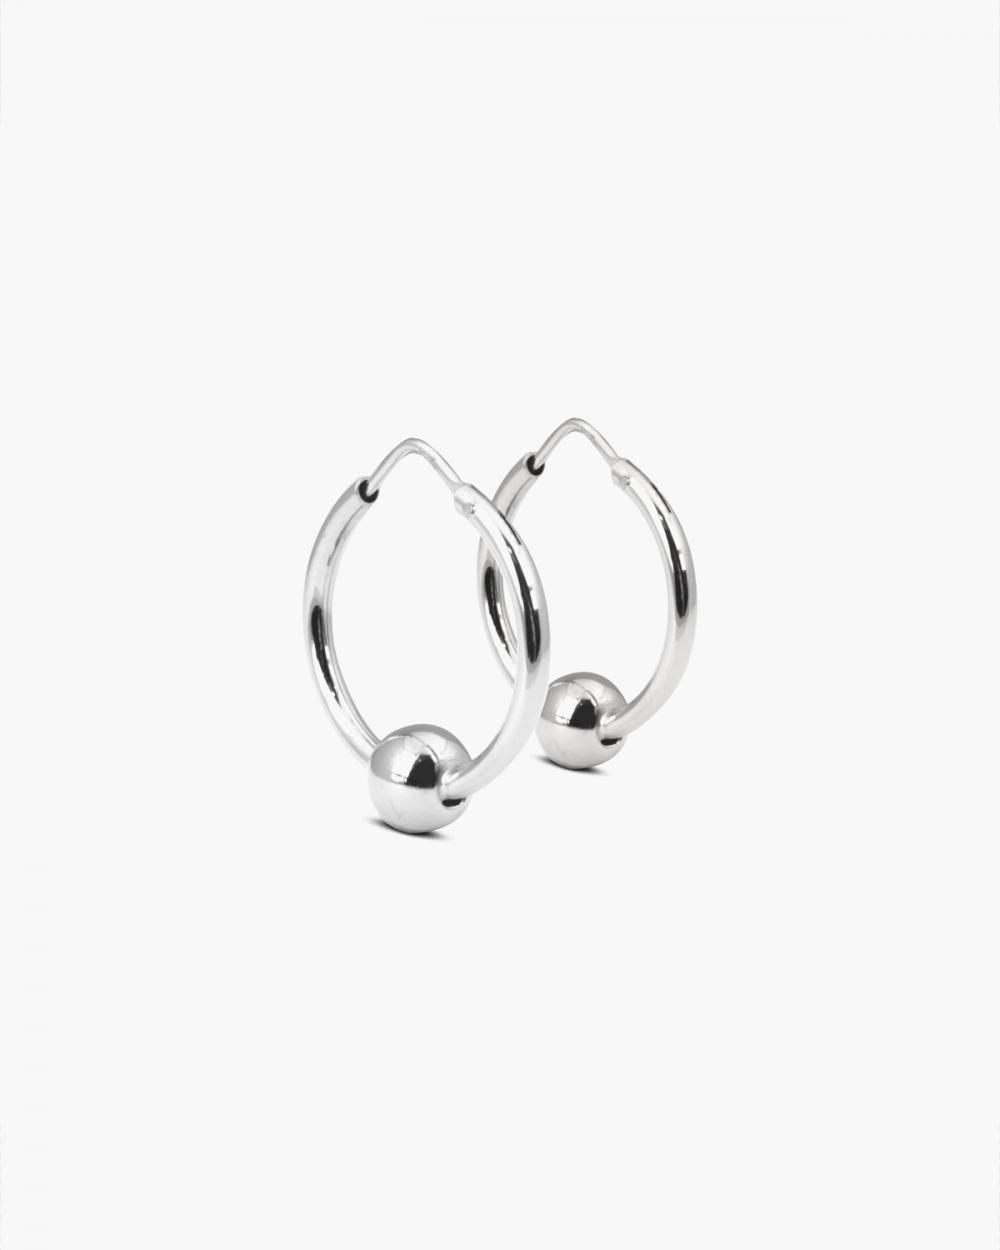 Earrings SILVER SPHERES PIERCING PAIR EARRINGS NOVE25